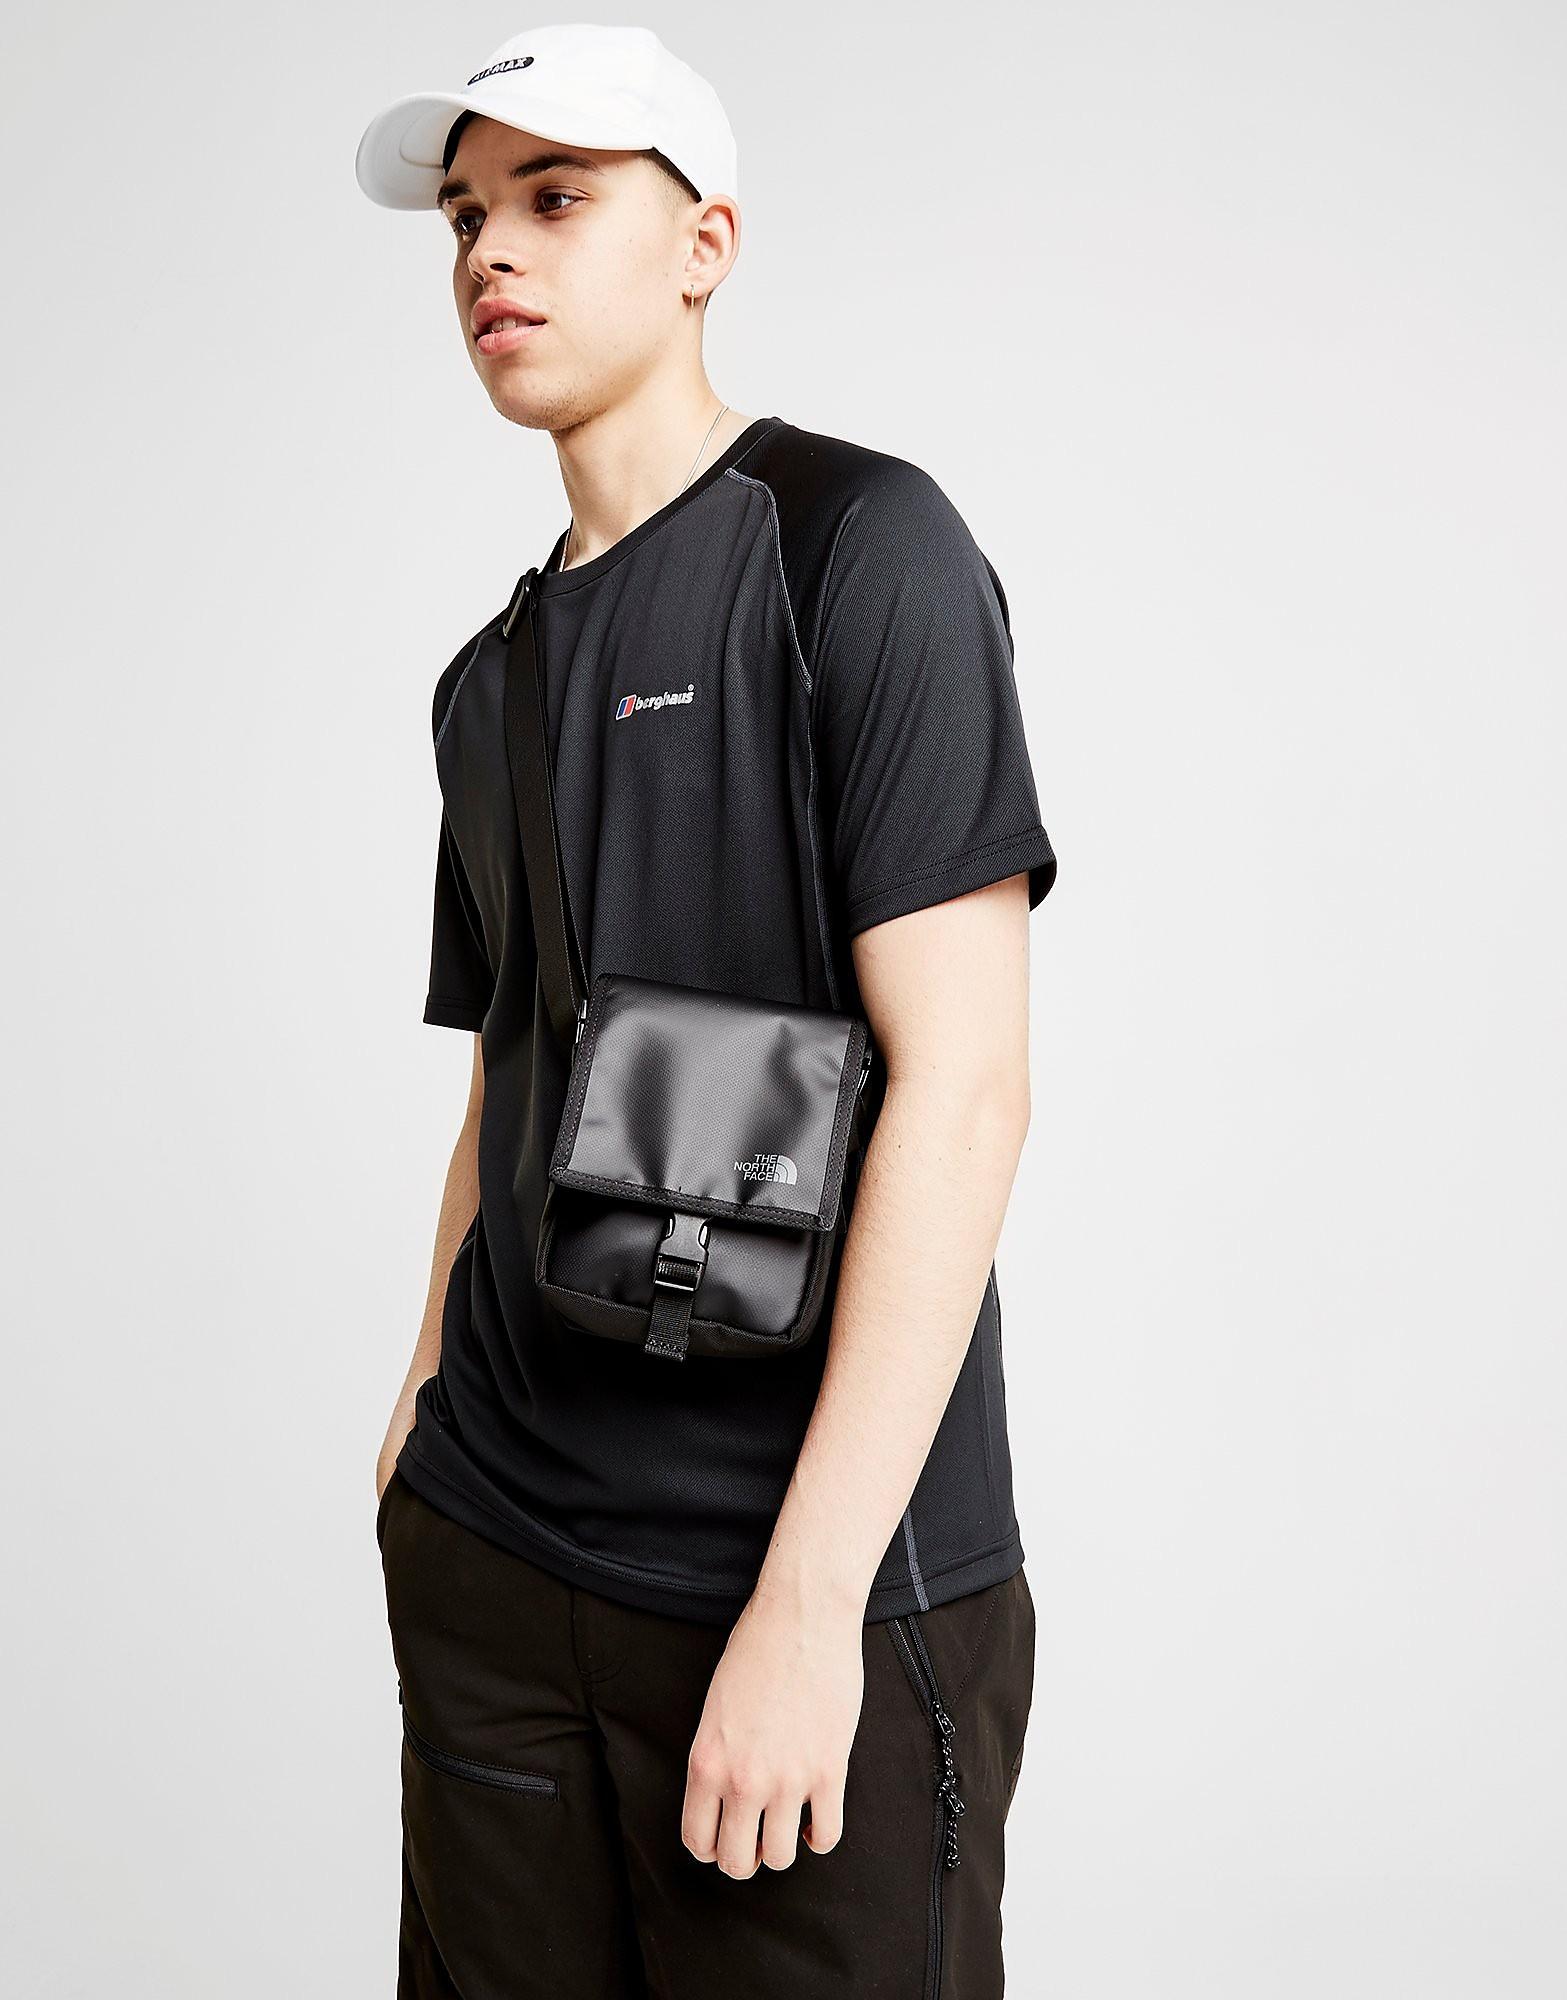 Berghaus Short Sleeve Poly Tech S18 T-Shirt